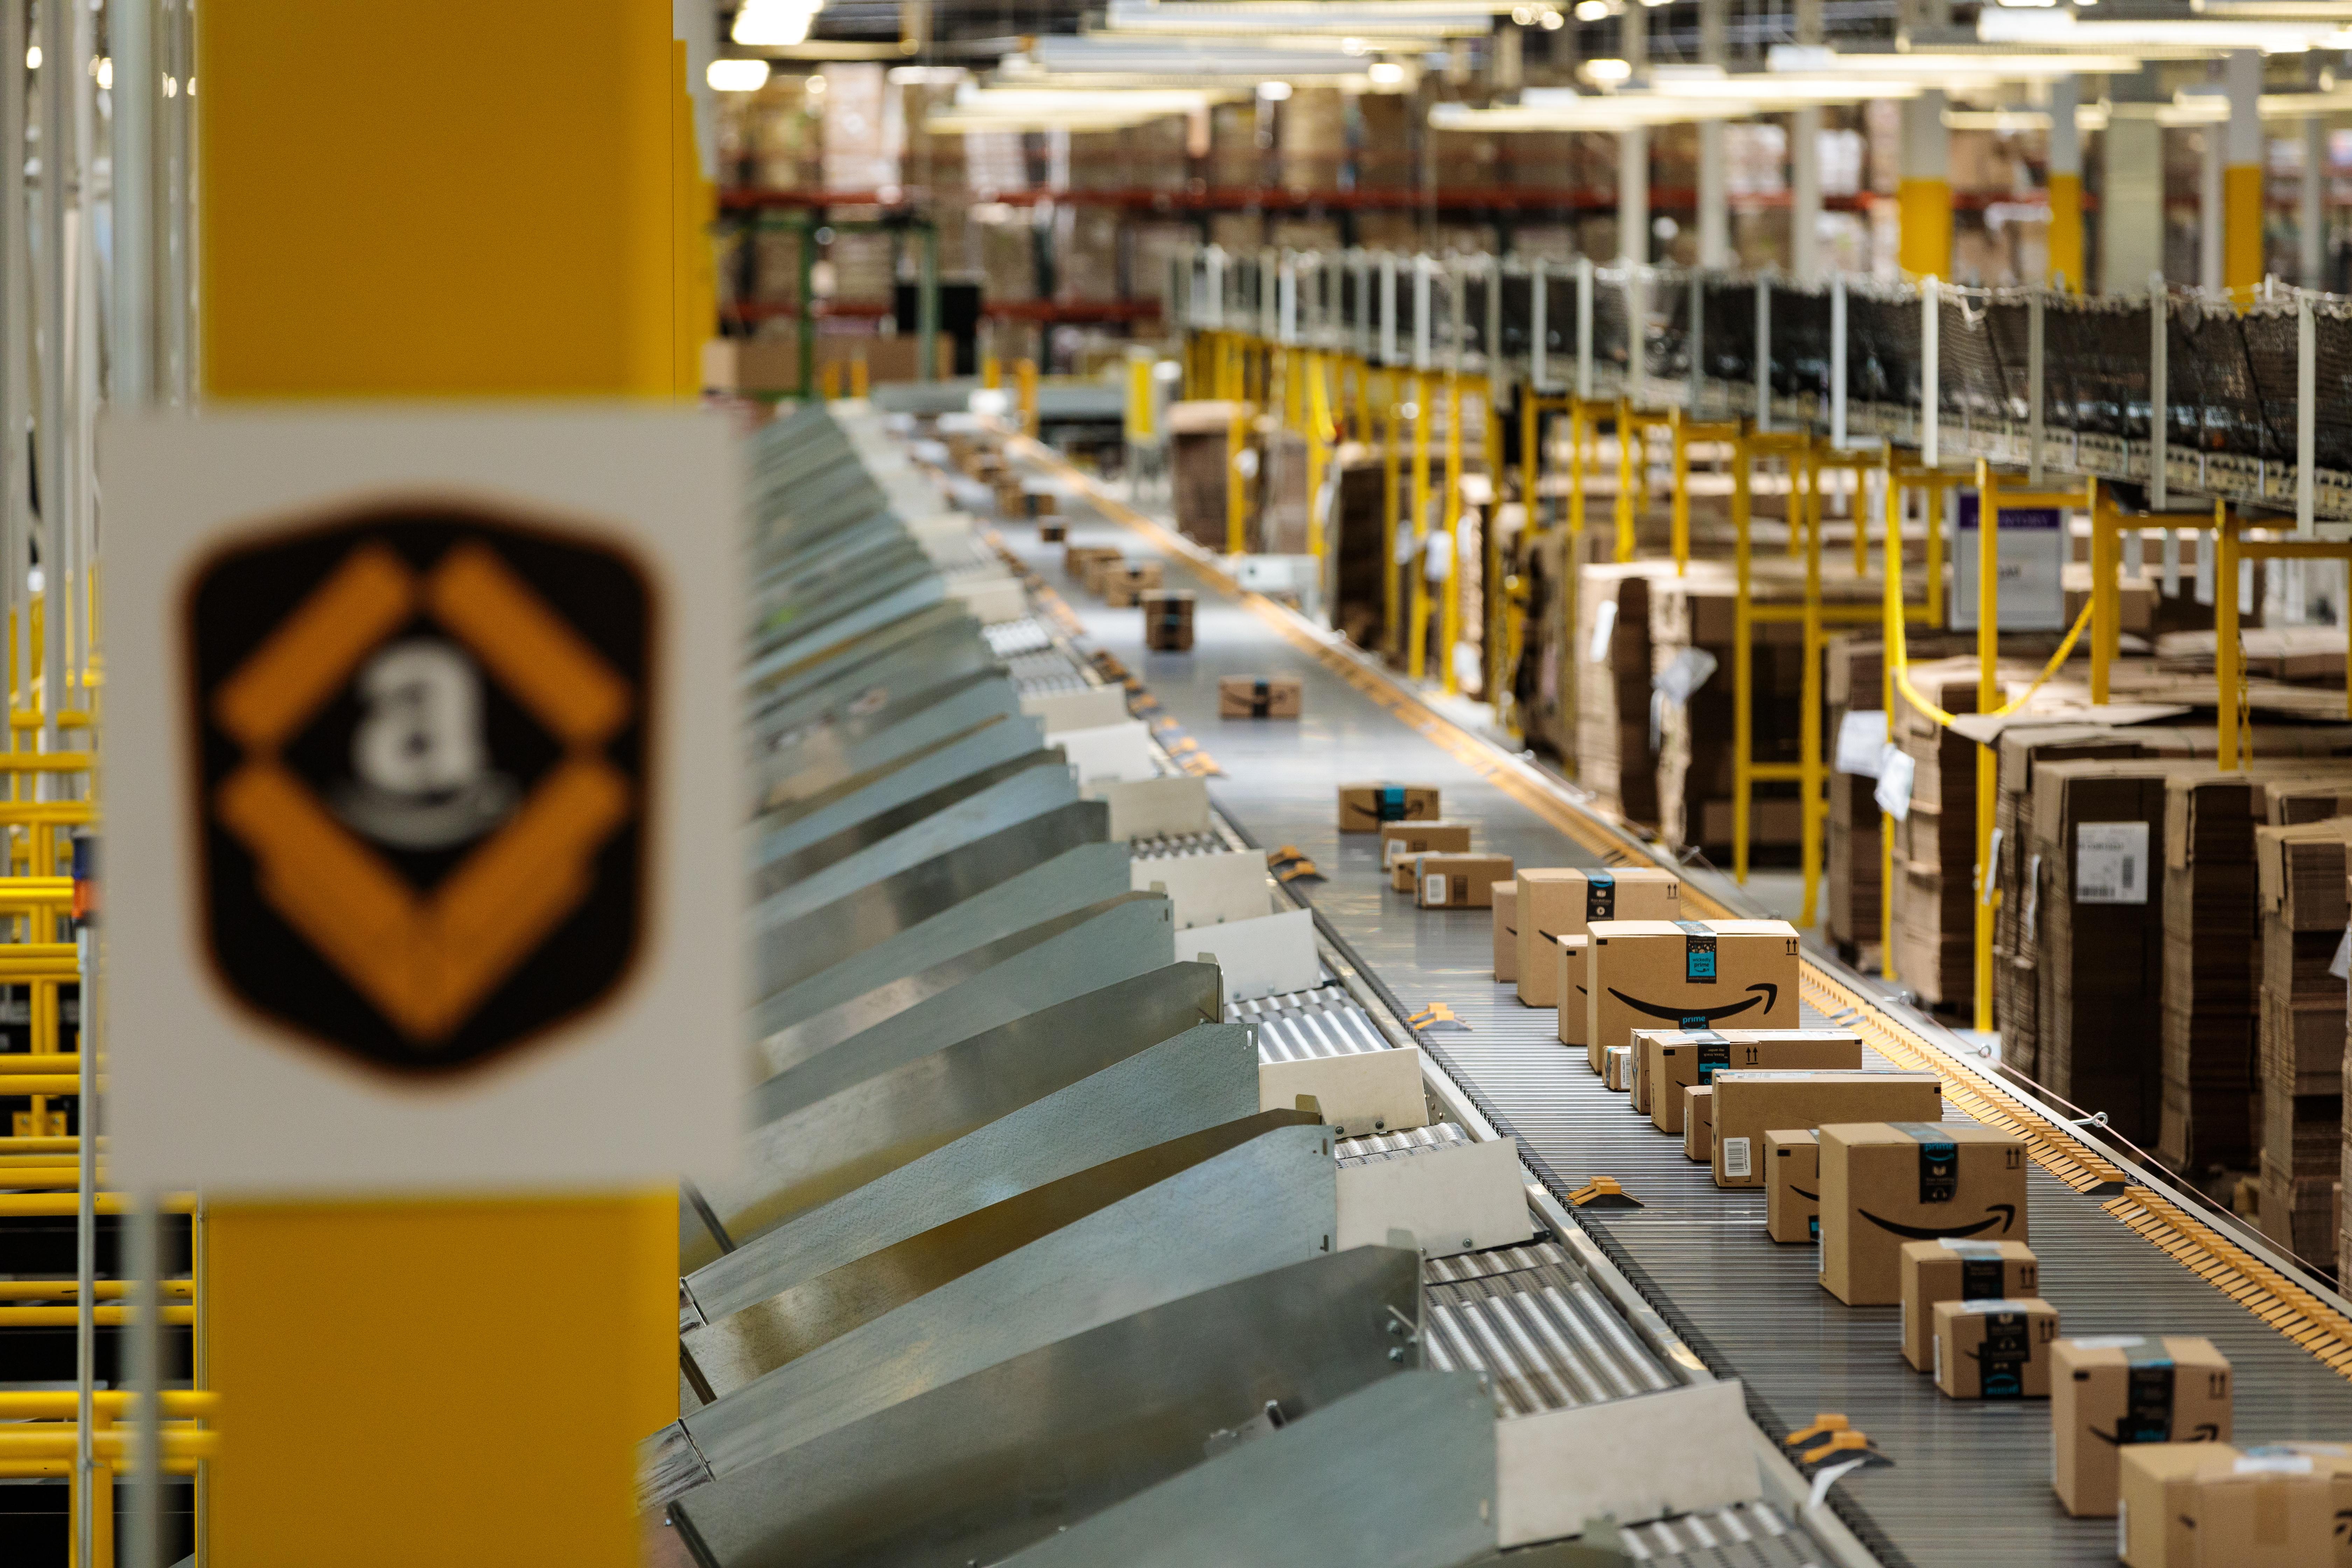 Amazon's fulfillment network